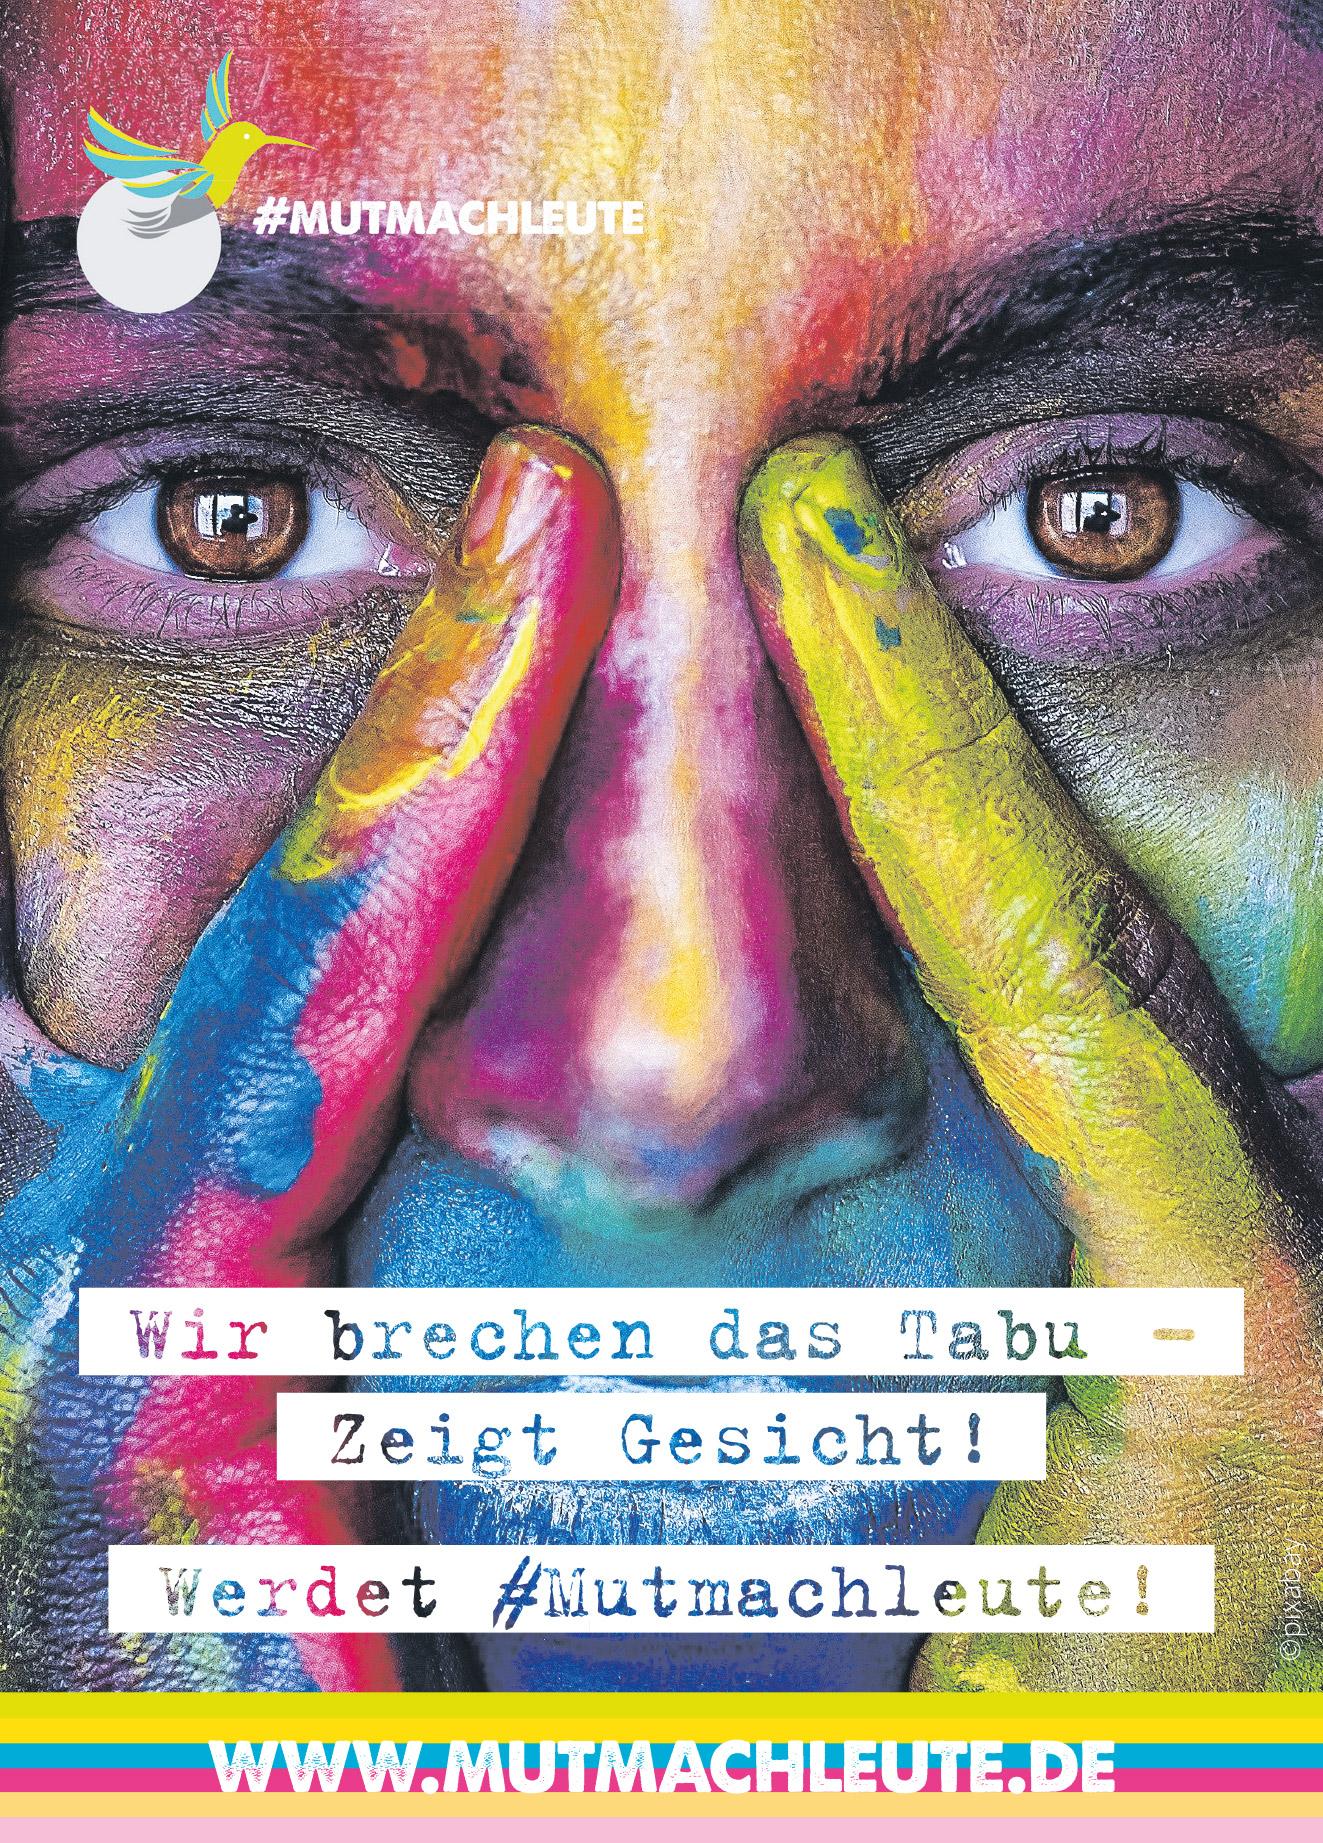 bunt angemaltes Gesicht als Zeichen gegen Stigmatisierung psychischer Krisen